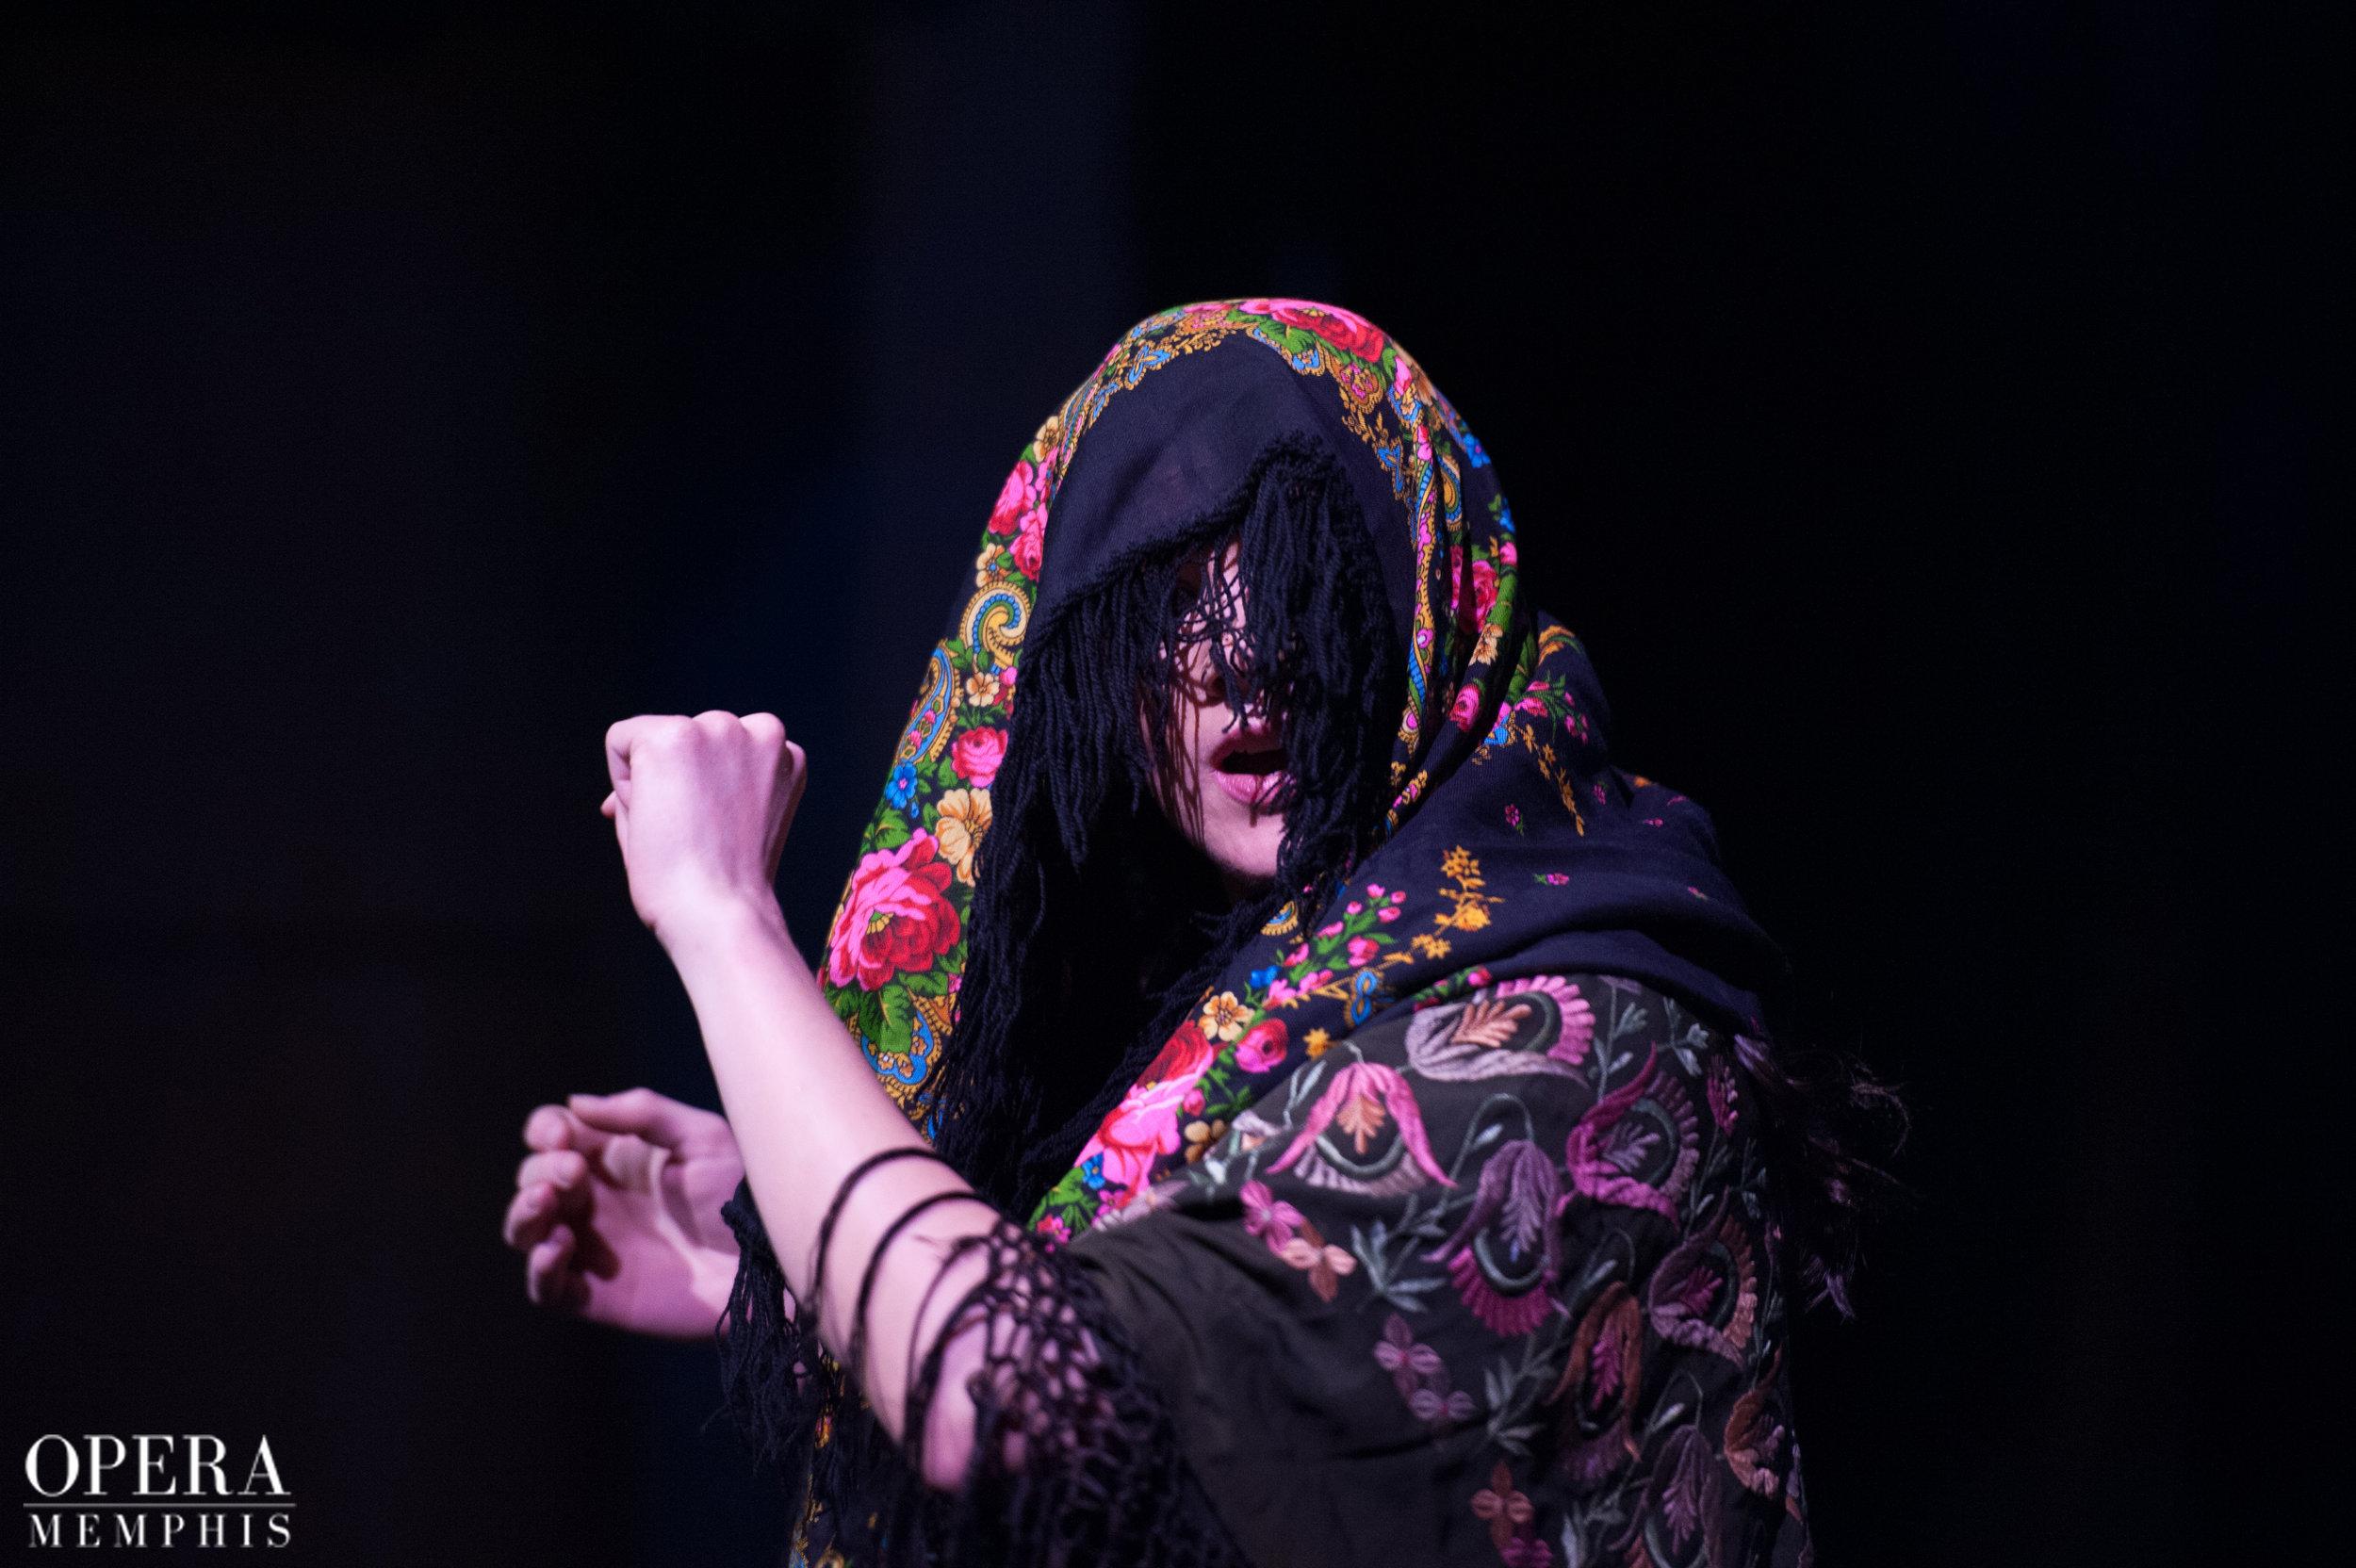 Photo Credit: Melissa Sweazy for Opera Memphis - - Les mamelles de Tirésias